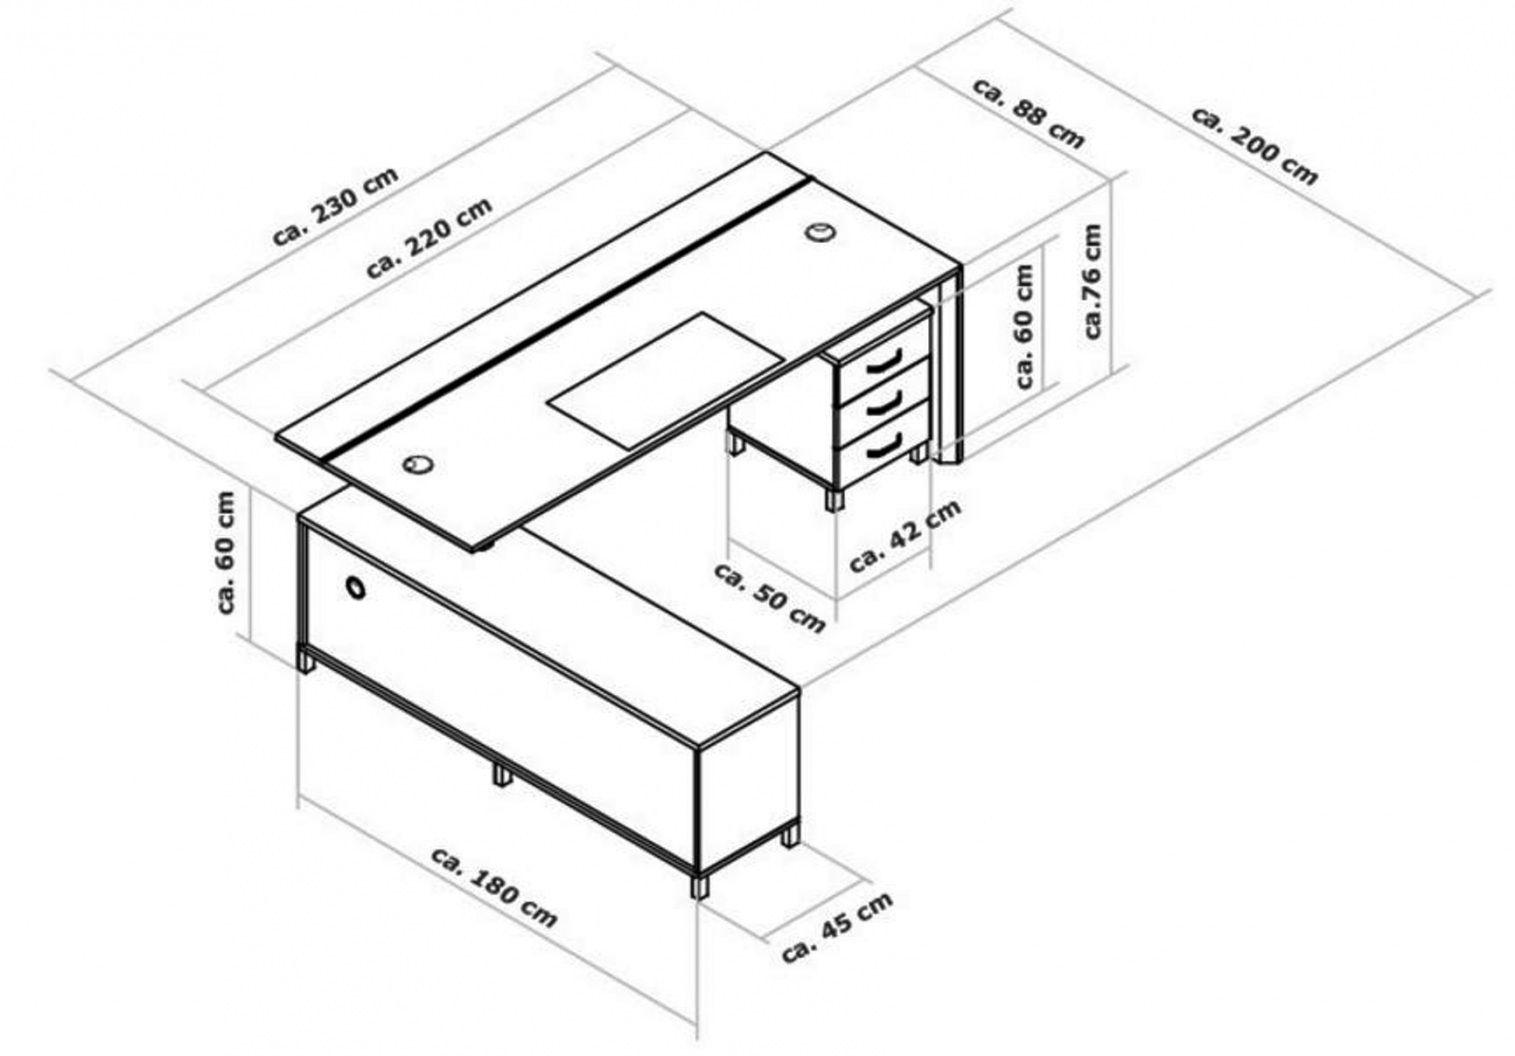 Average Size Of Home Office Desk | Office furniture desk ... |Office Standard Desk Size